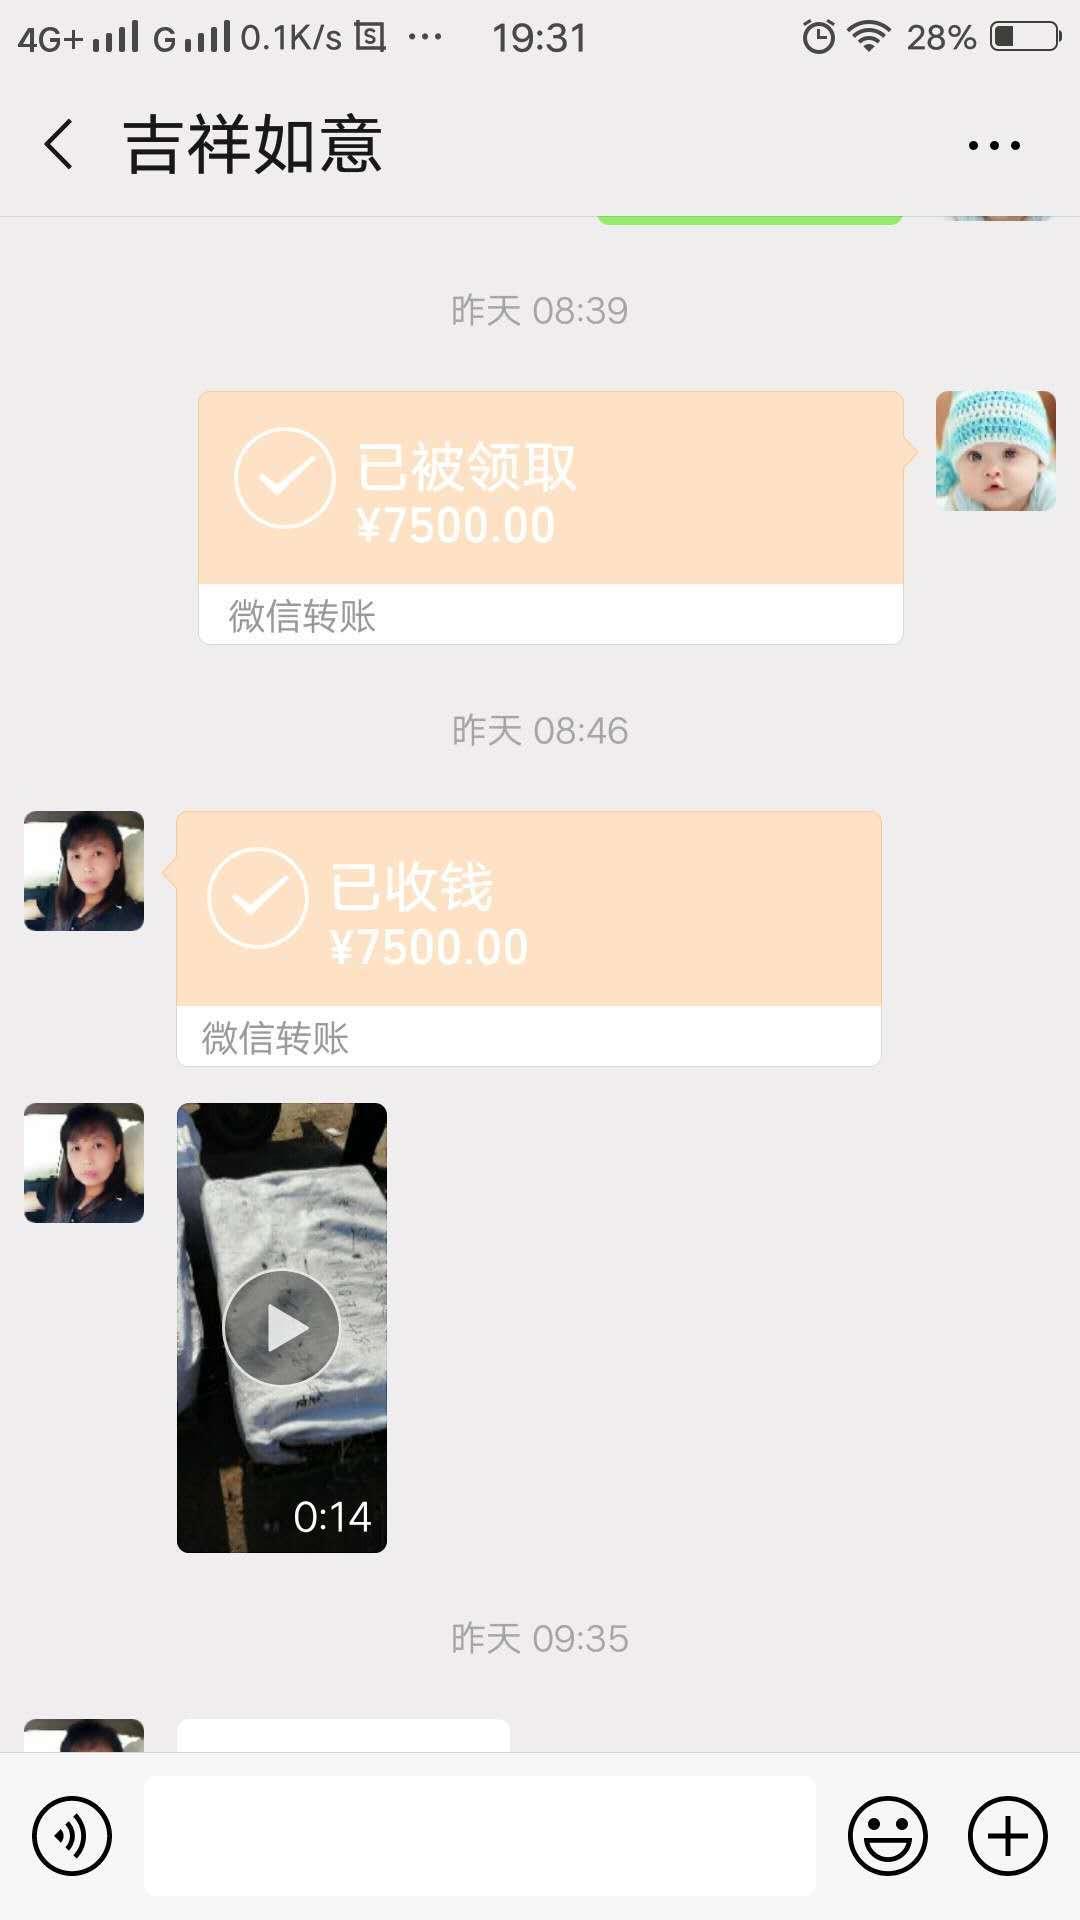 山东省济宁市卖羊骗子汤会玲电话13287286736_山东卖羊骗子